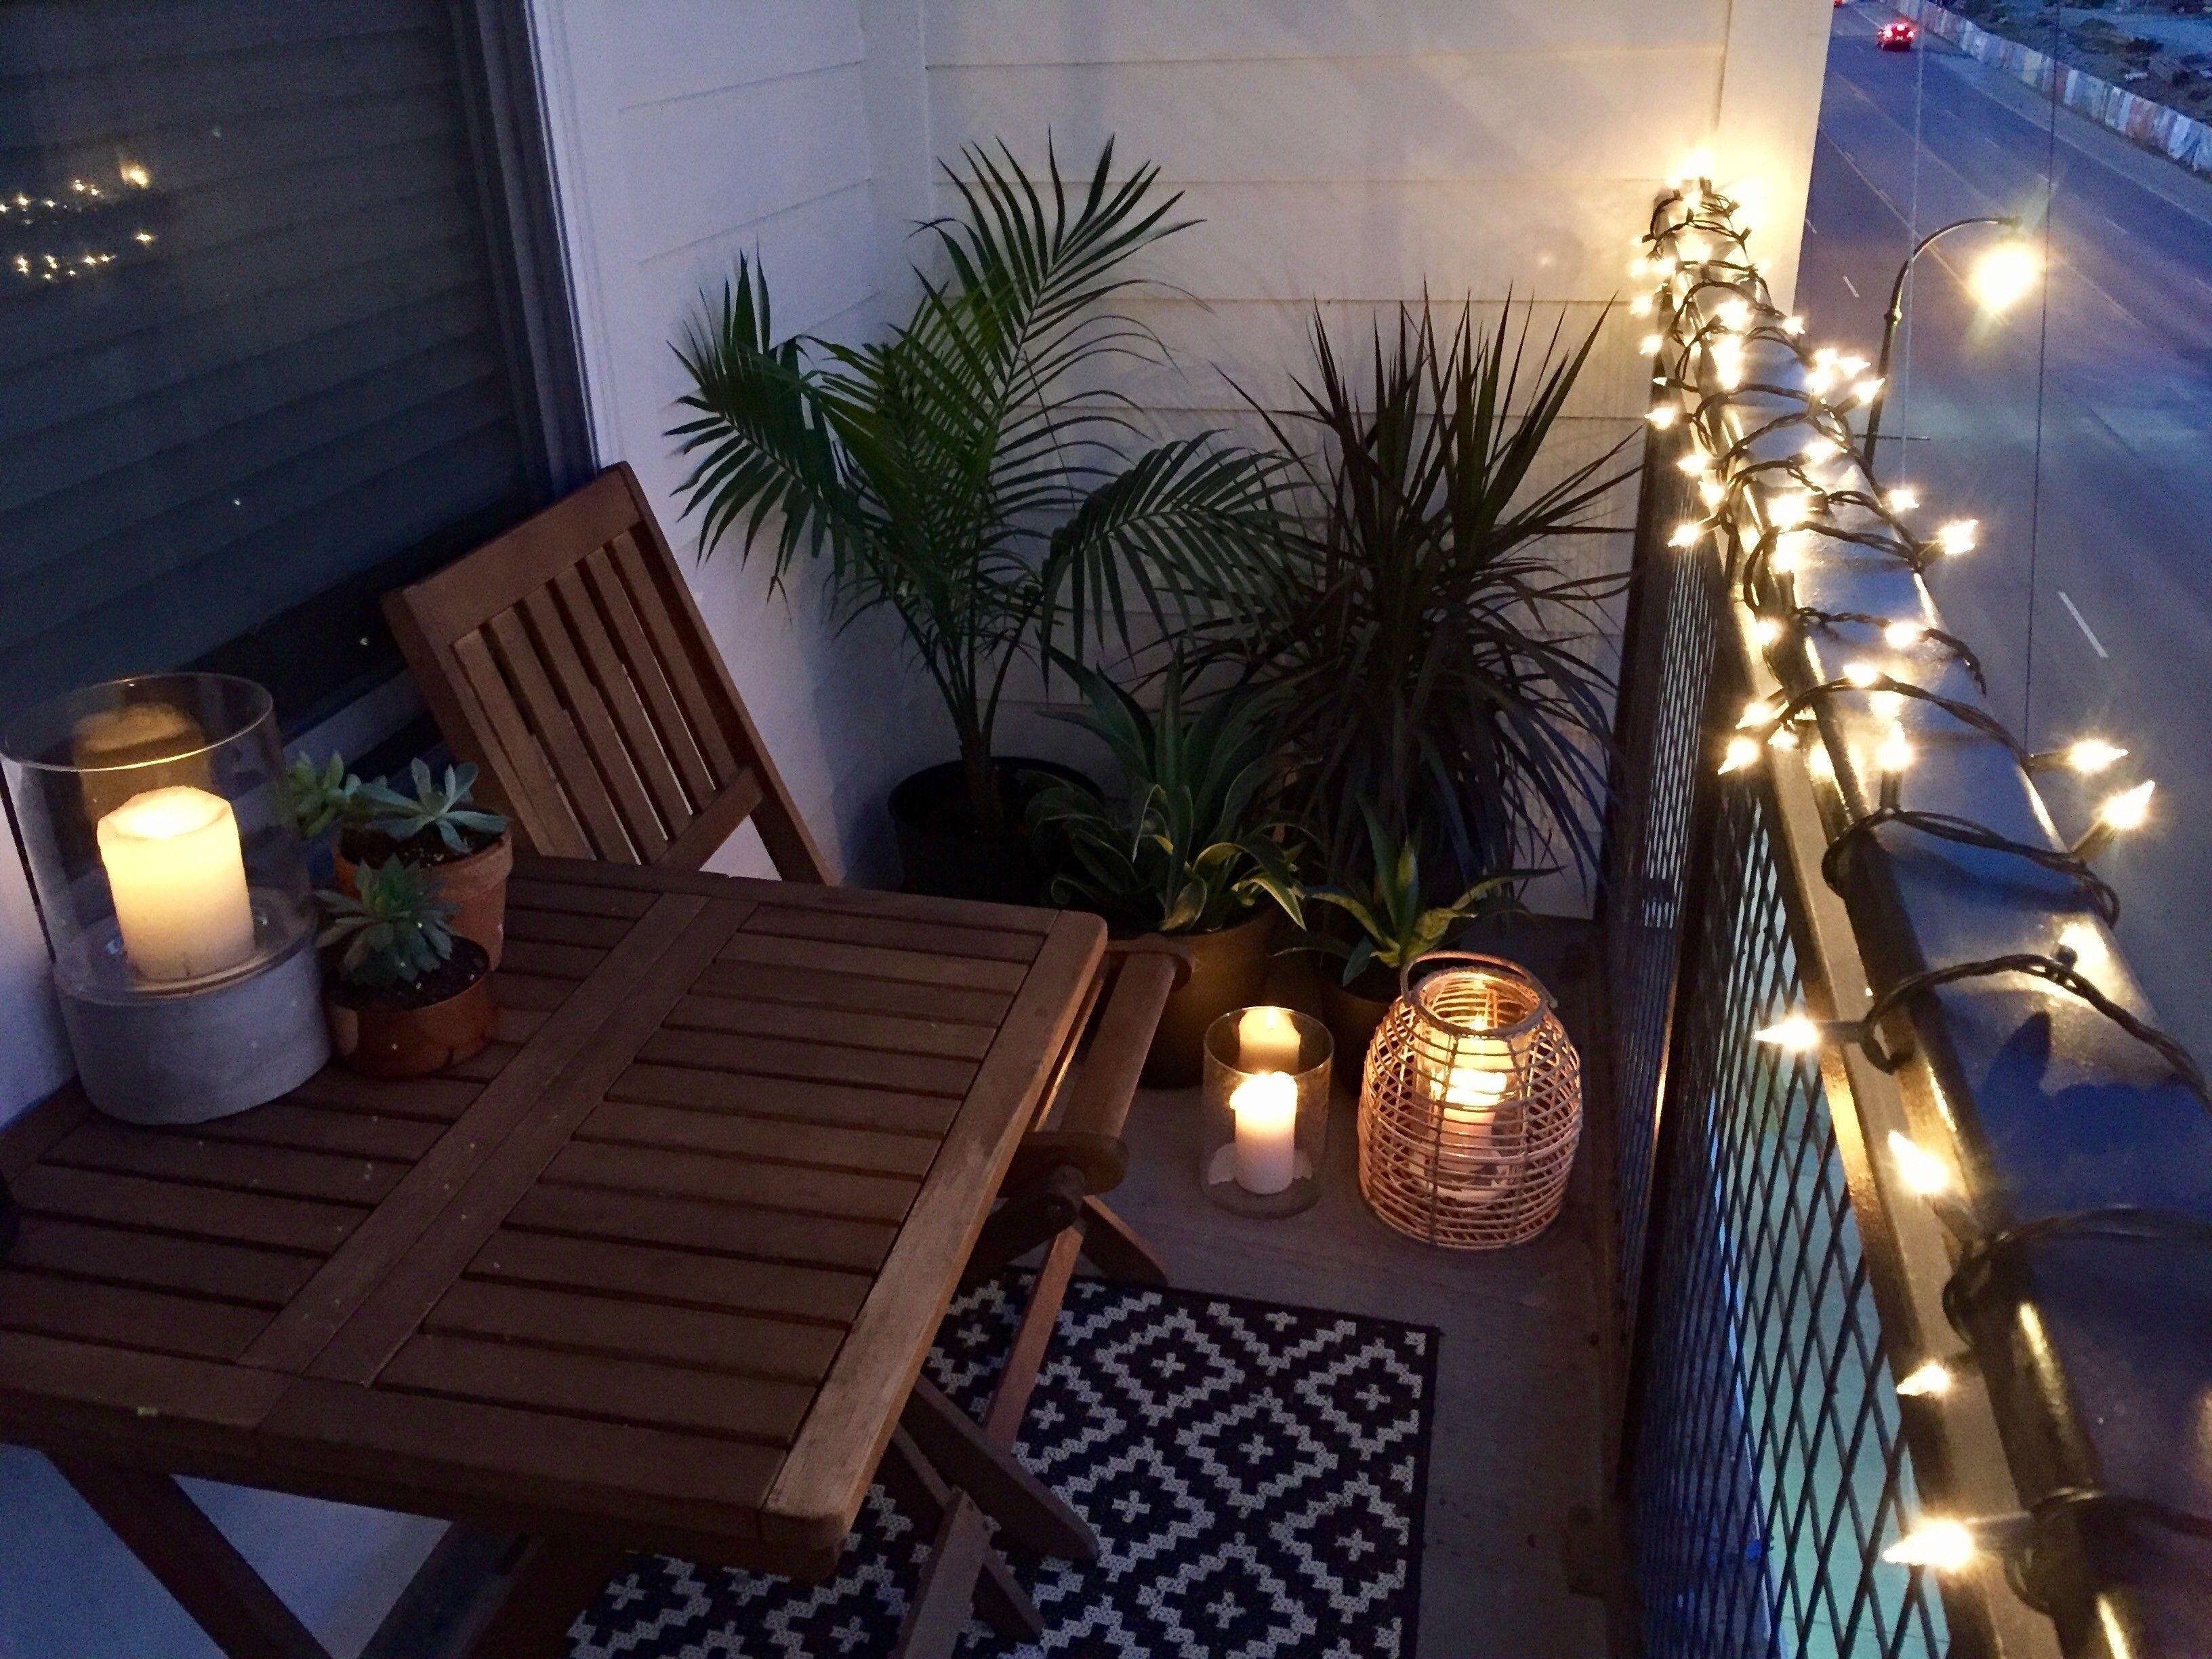 Popular Apartment Balcony For Christmas Décor Ideas 13